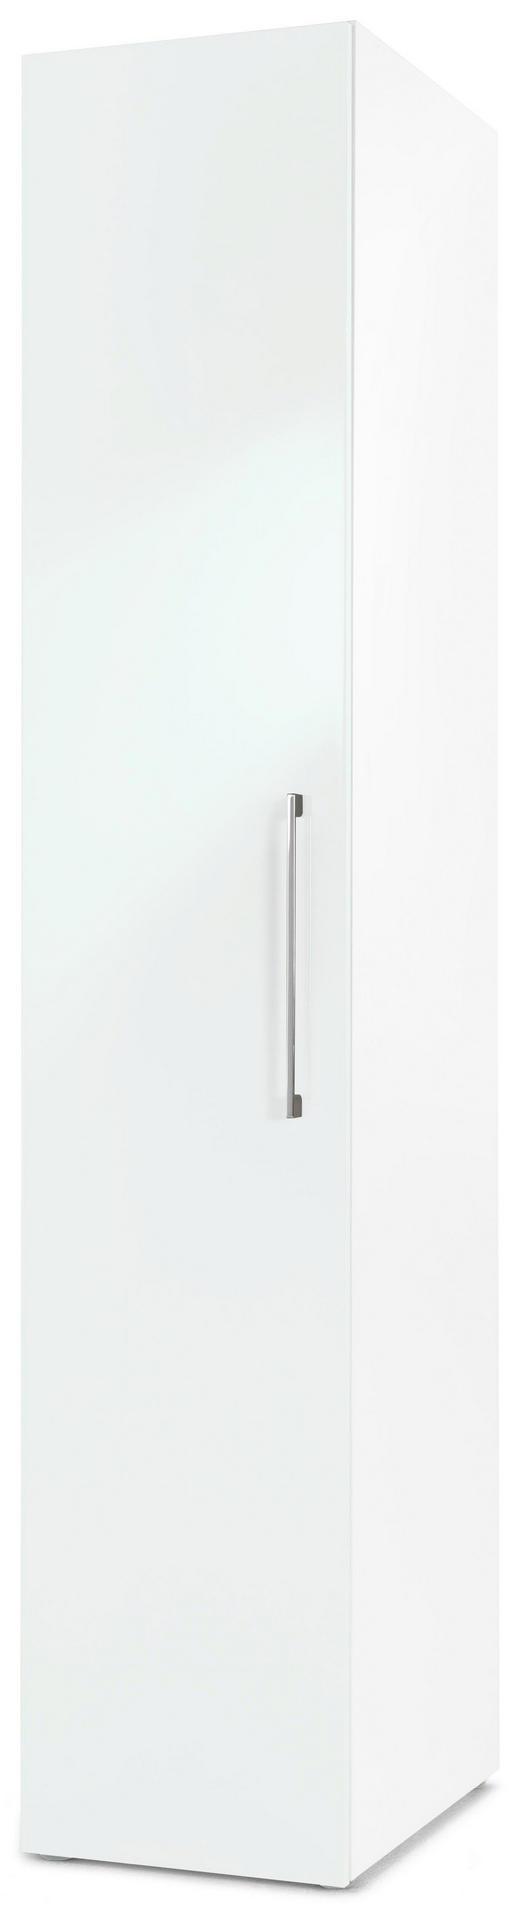 DREHTÜRENSCHRANK 1  -türig Weiß - Chromfarben/Weiß, Design, Holzwerkstoff/Metall (40/208/57cm) - CARRYHOME